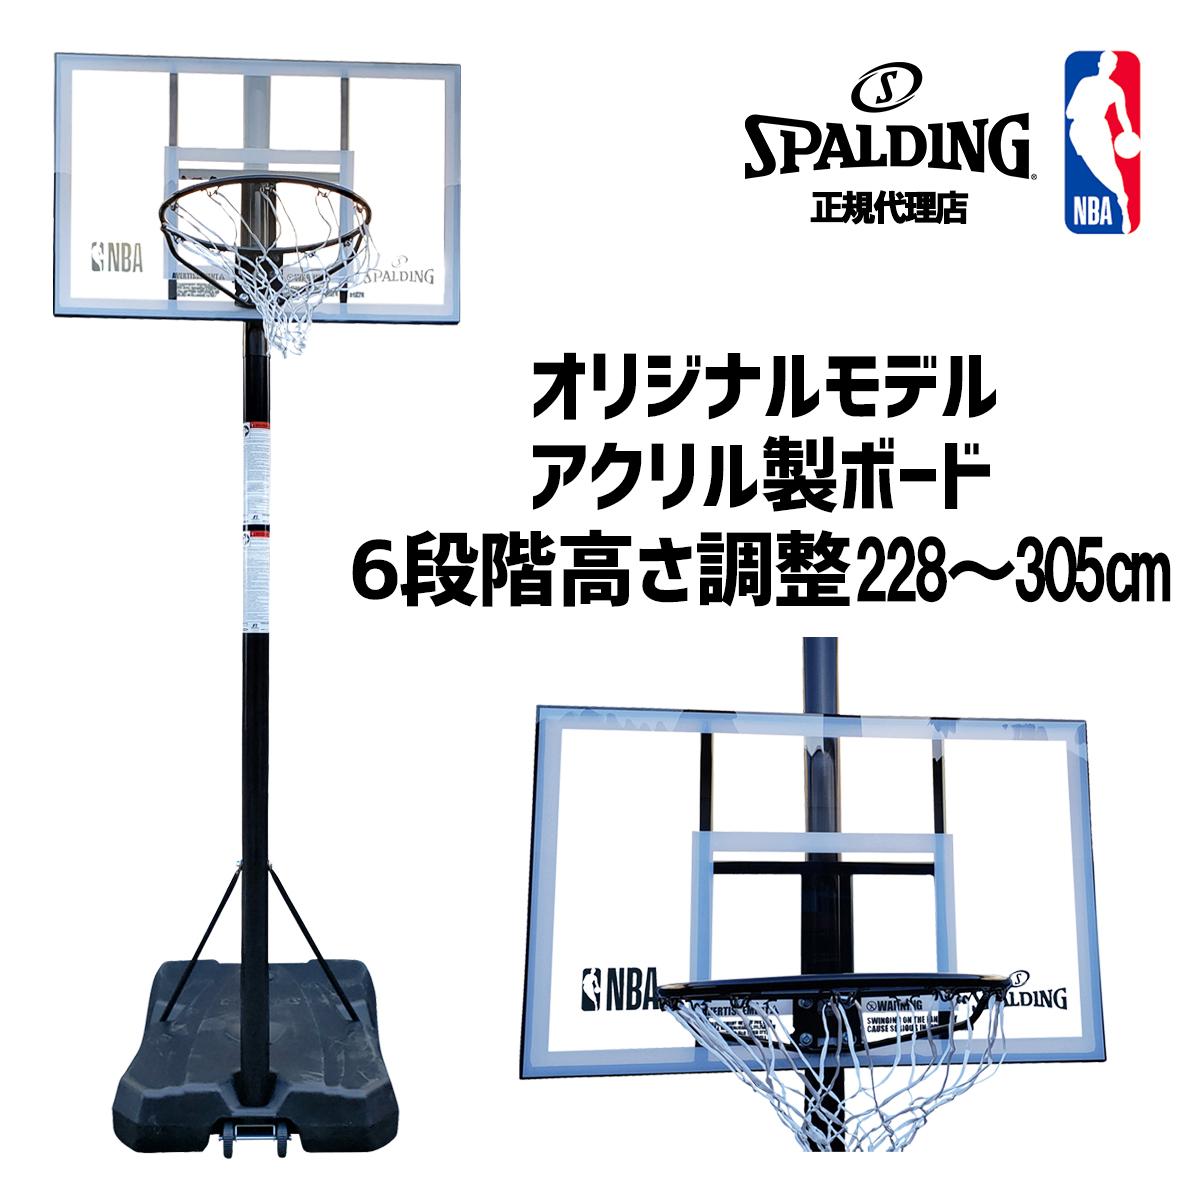 バスケットゴール オリジナルモデル アクリル ホワイト 42インチ NBAロゴ入り 73031 | 正規品 SPALDING スポルディング バスケットボール バスケ バスケゴール 屋外 家庭用 ミニバス アクリル リング